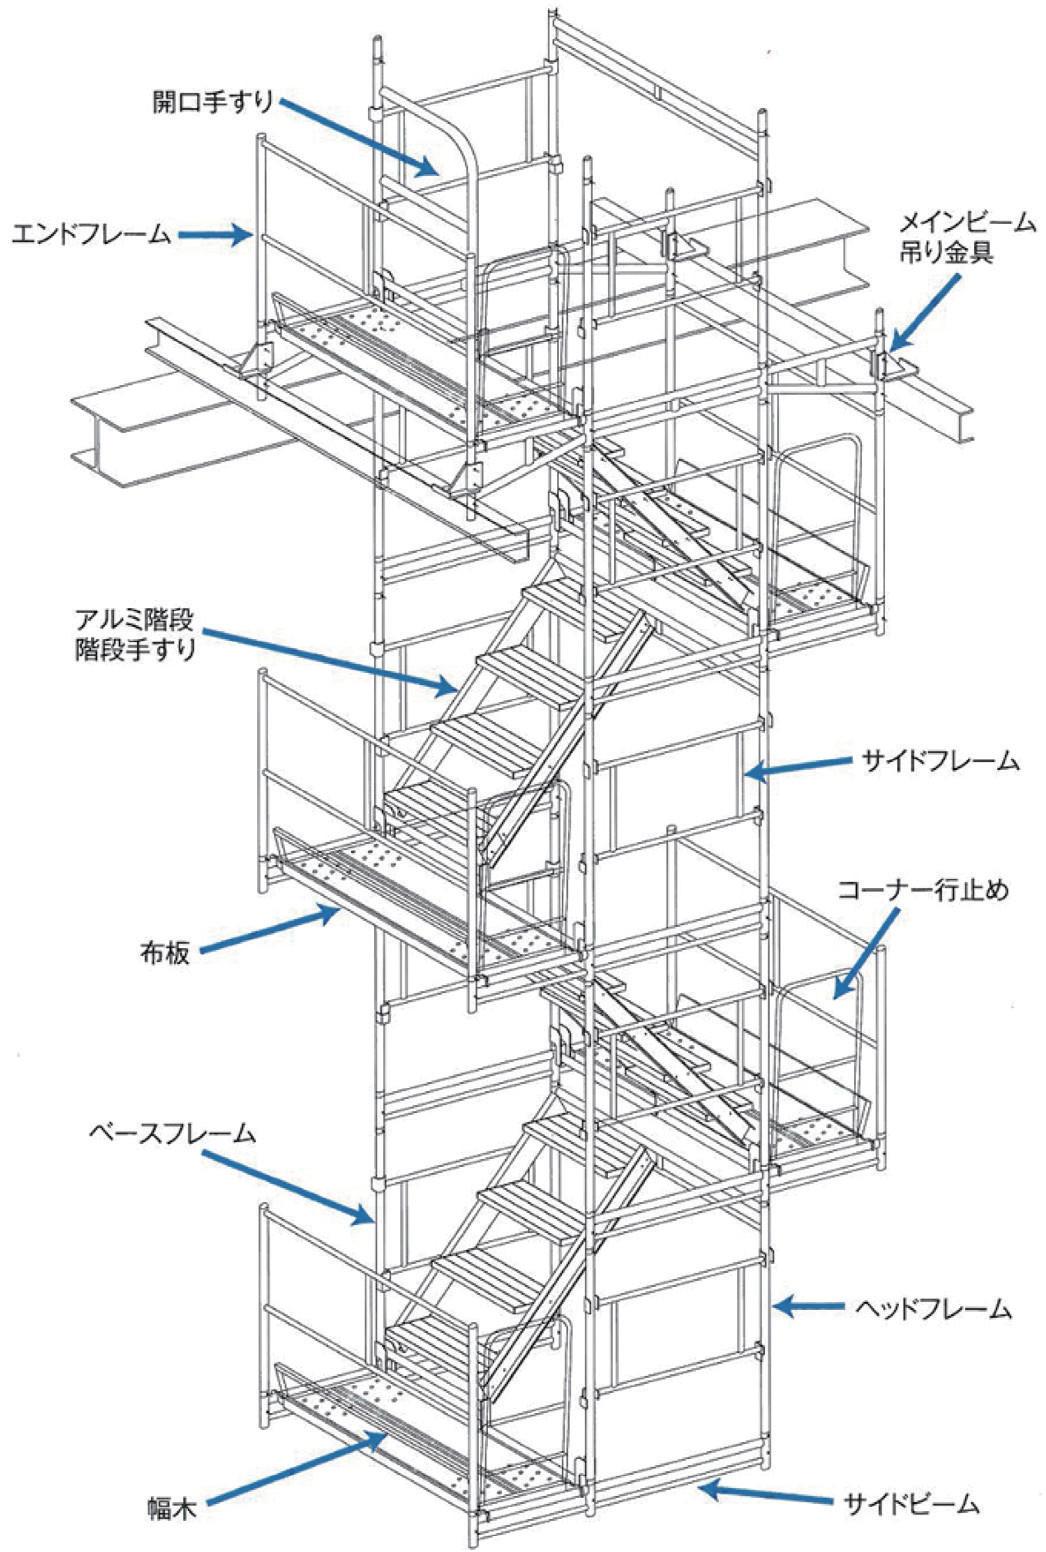 ハングユニット-R構造模式図